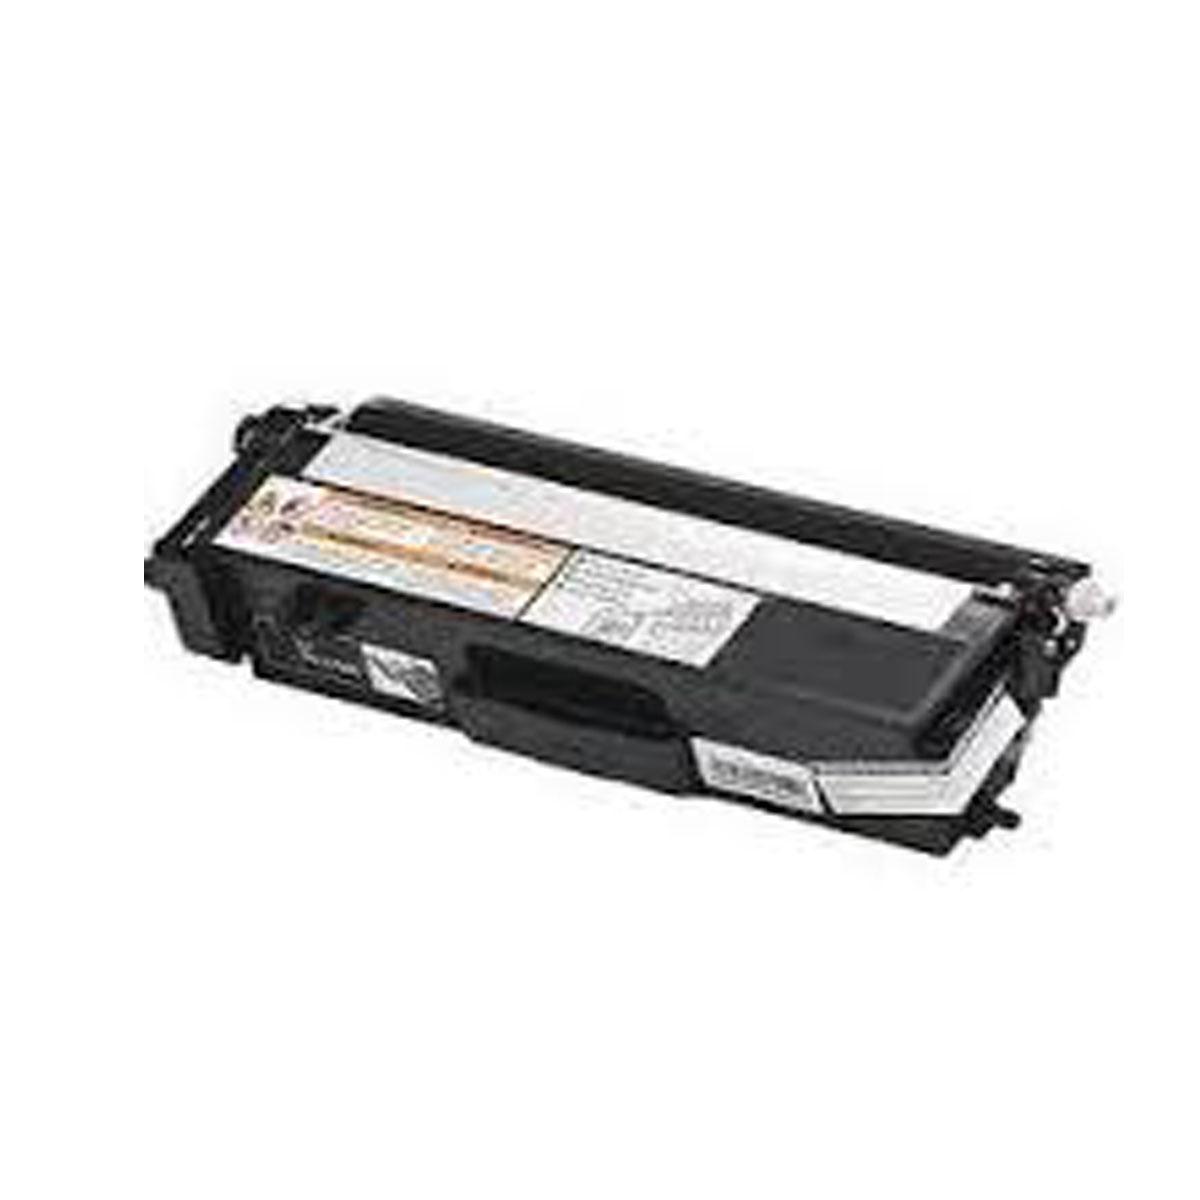 Toner Brother TN315 TN325 TN345 TN375 Preto - HL4140 MFC9970 HL4150 MFC9460 HL4570